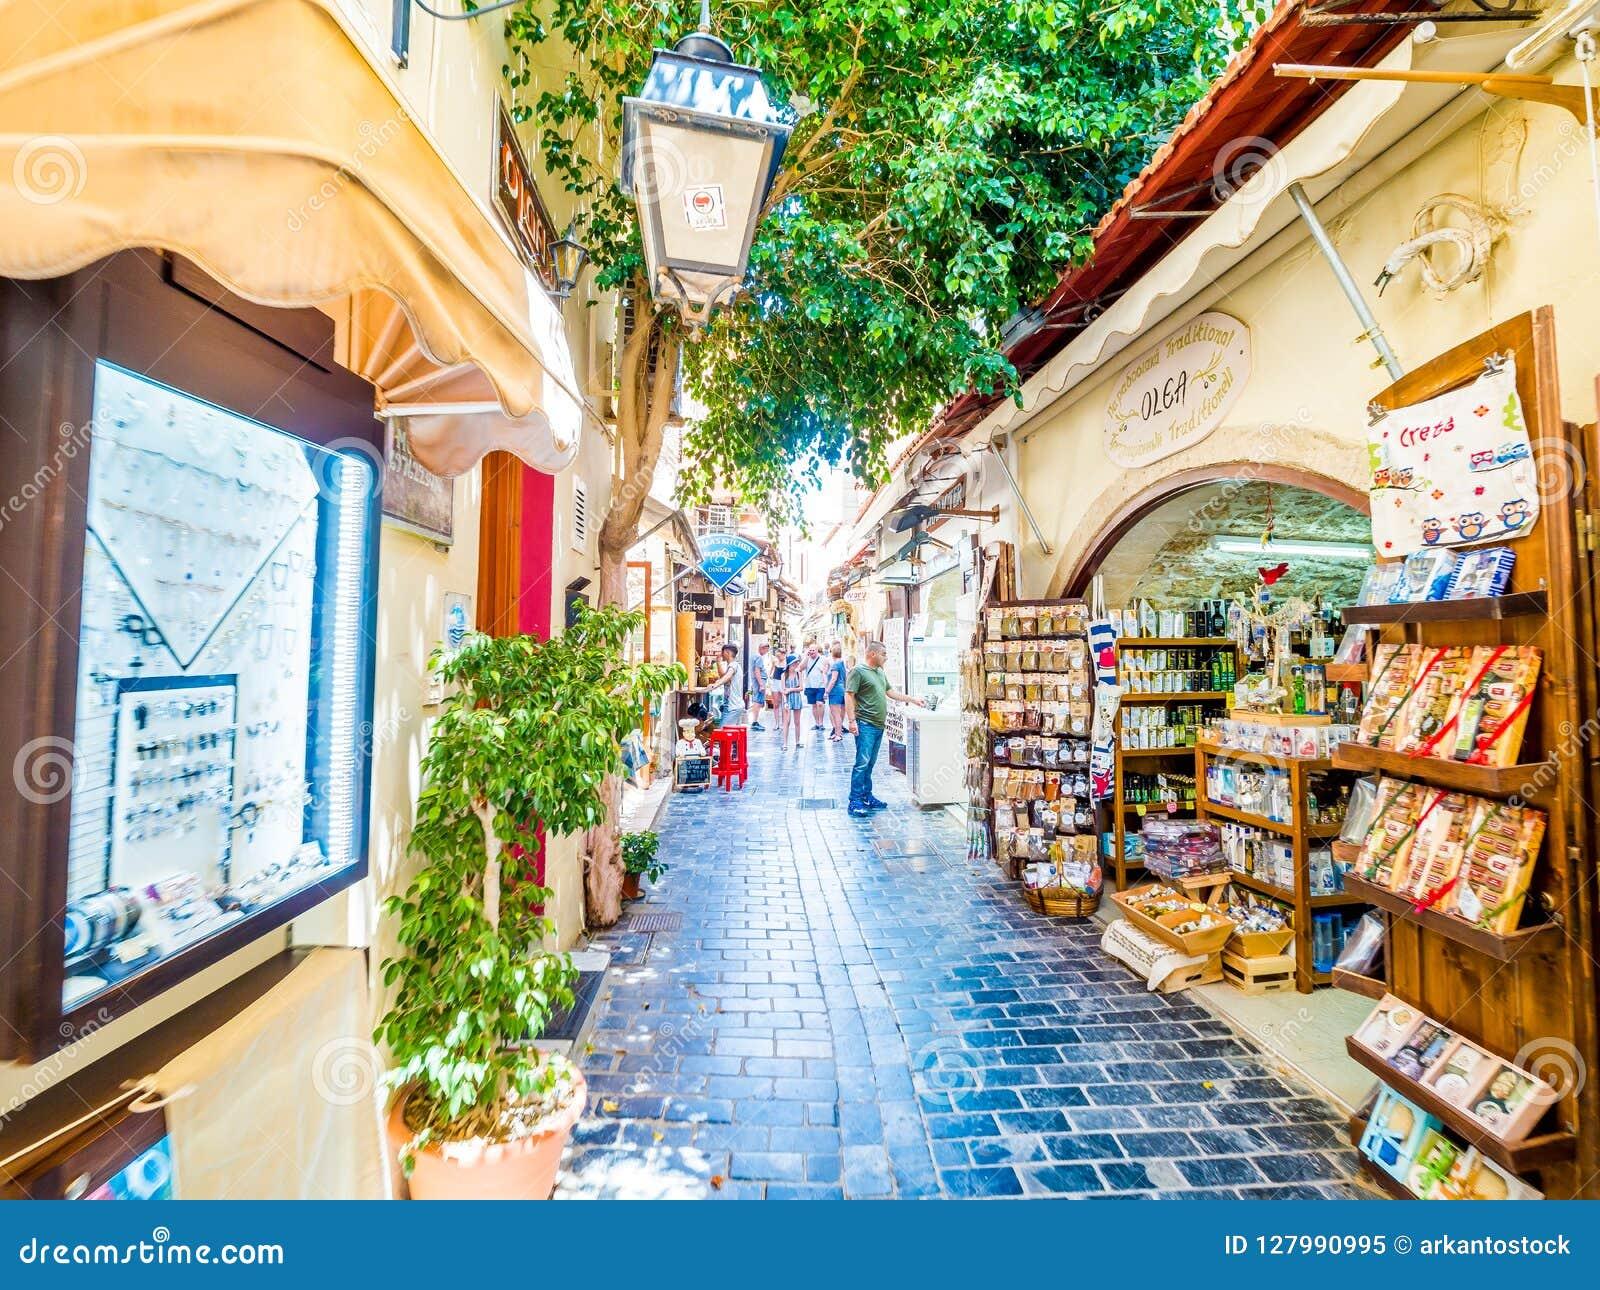 Rethymno Crete Greece Tourist Souvenir Shops With Handicrafts In